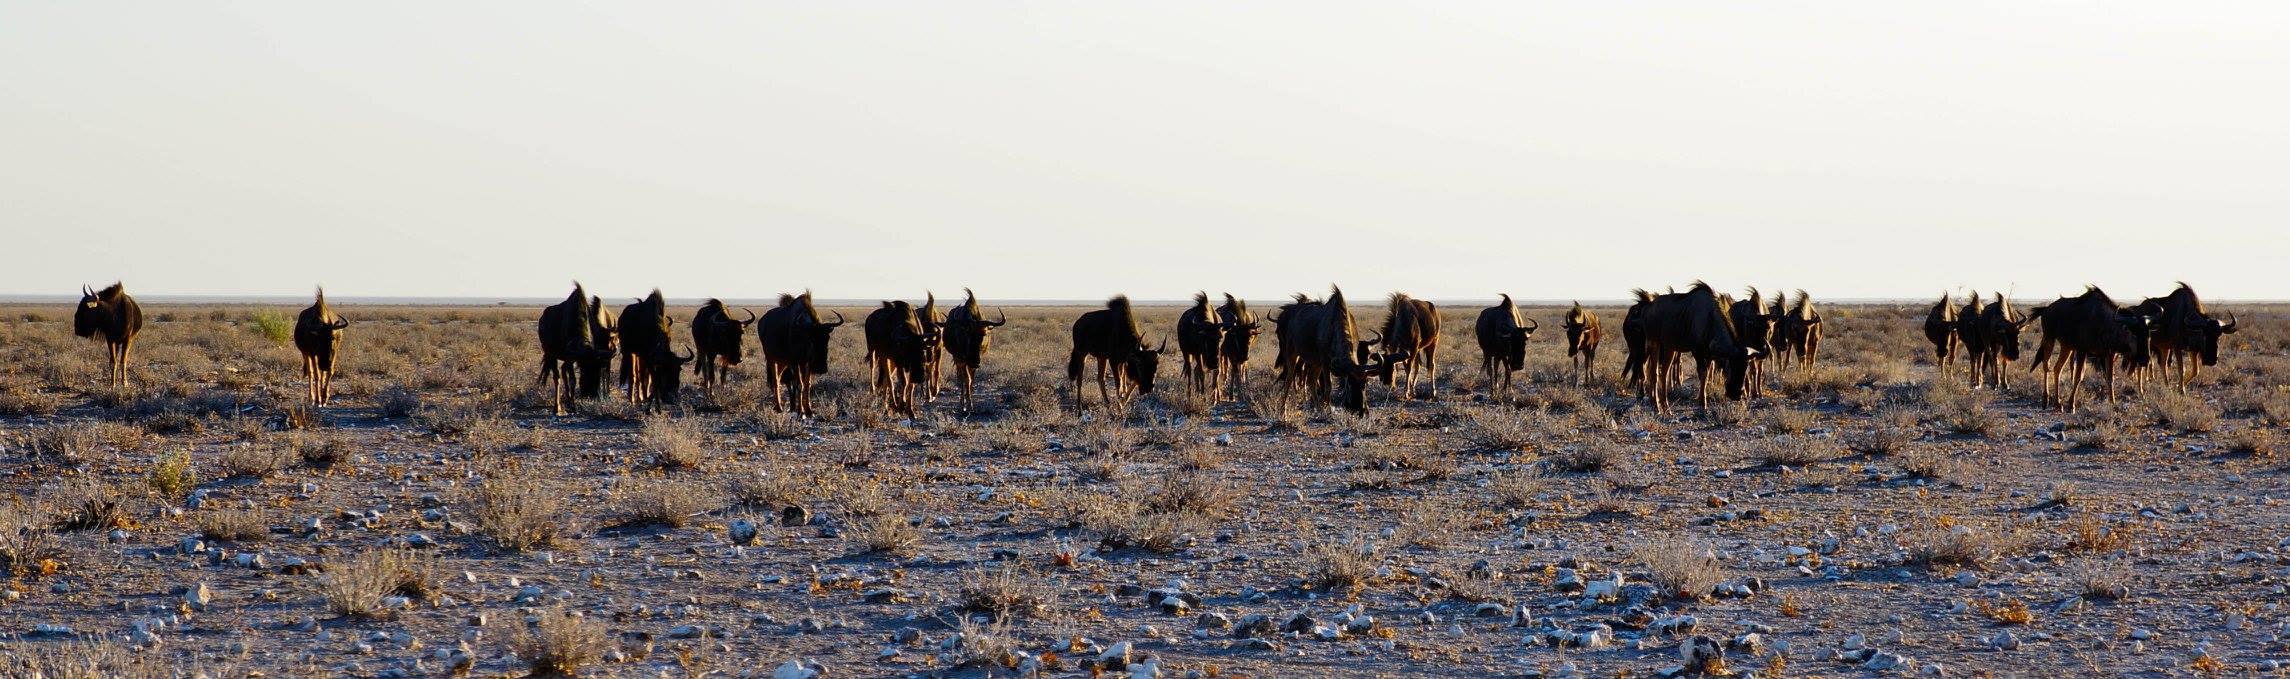 wildebeest3.jpg